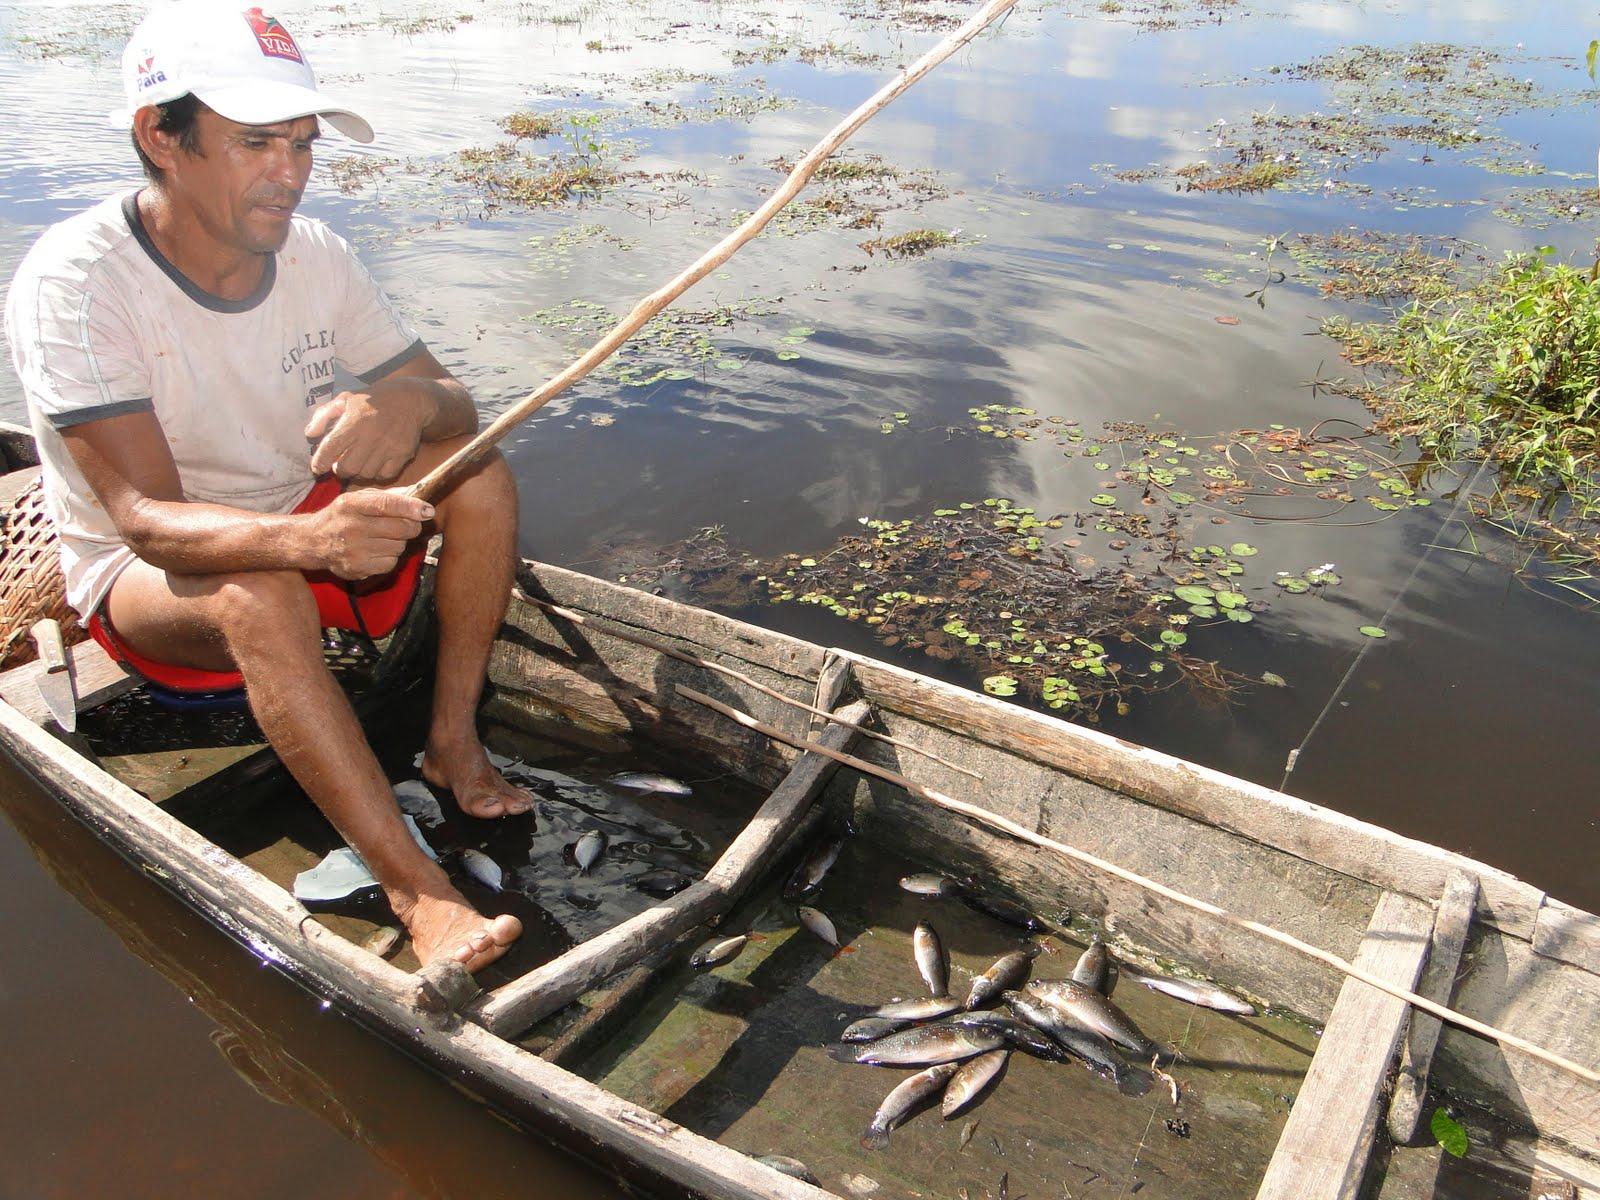 Município de Rio Preto da Eva, no Amazonas, age contra a pesca predatória